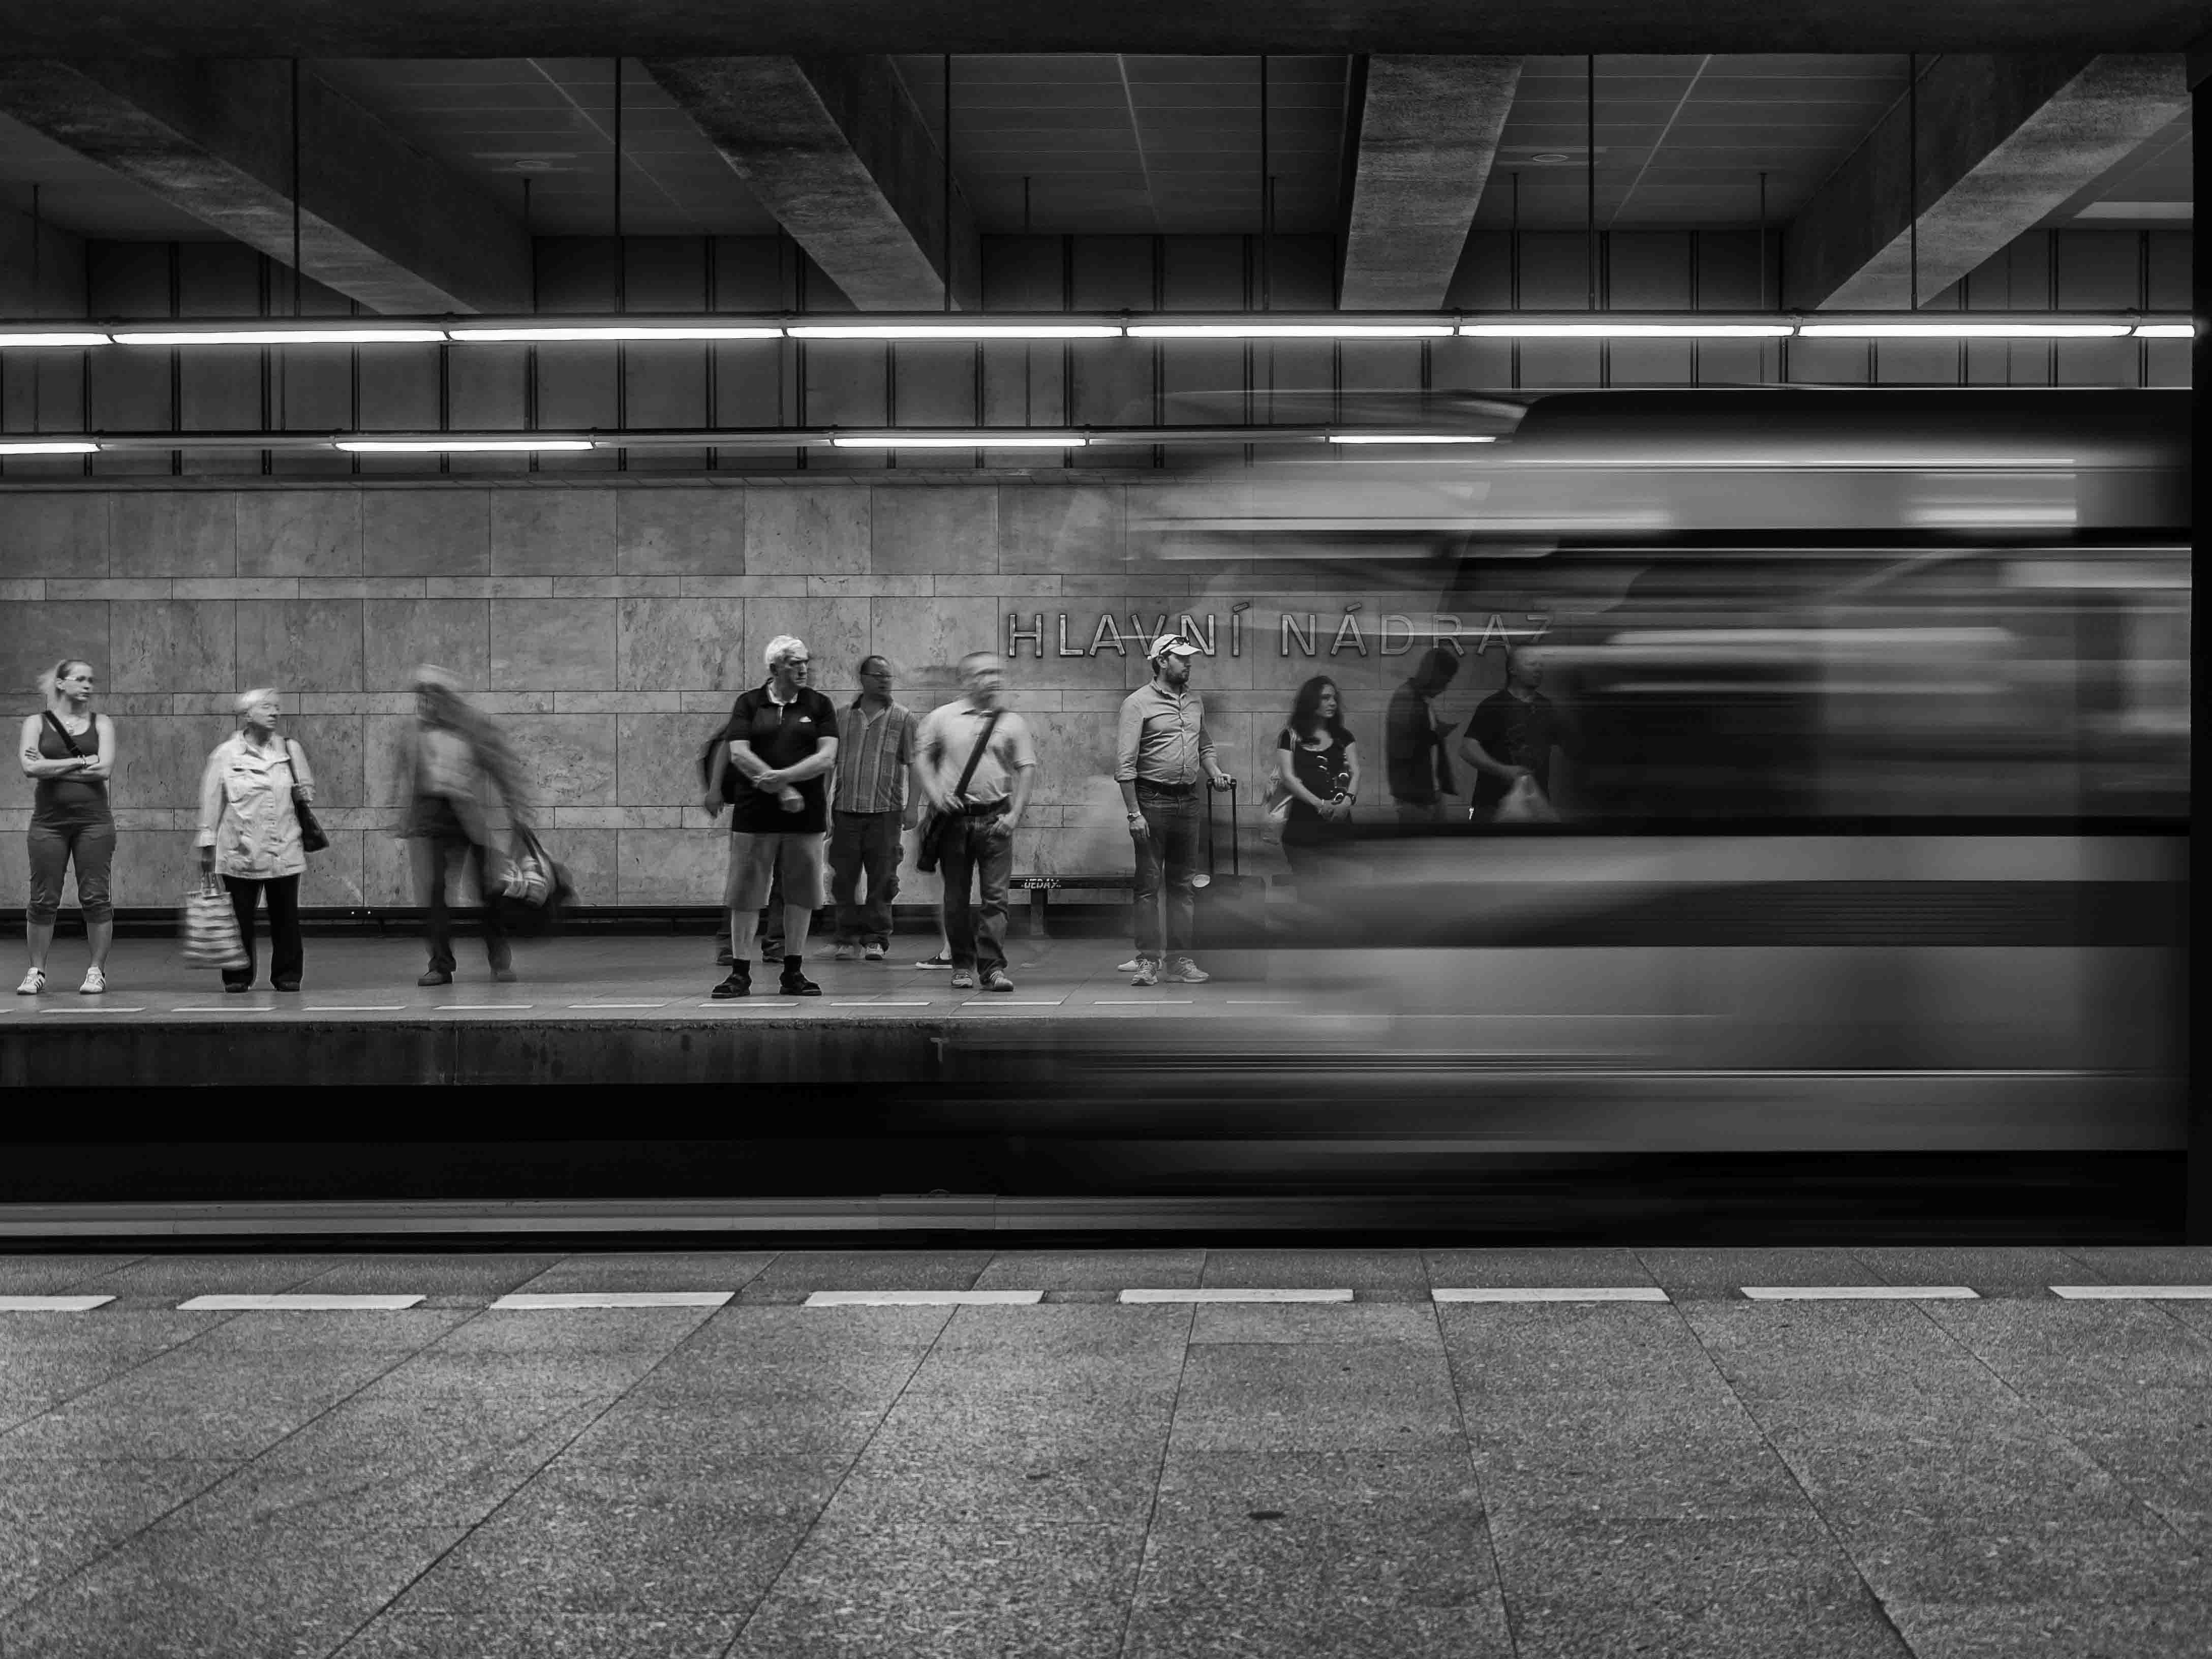 Černobílá dokumentární fotografie stanice metra hlavní nádraží od Jan Stojan Photography ©